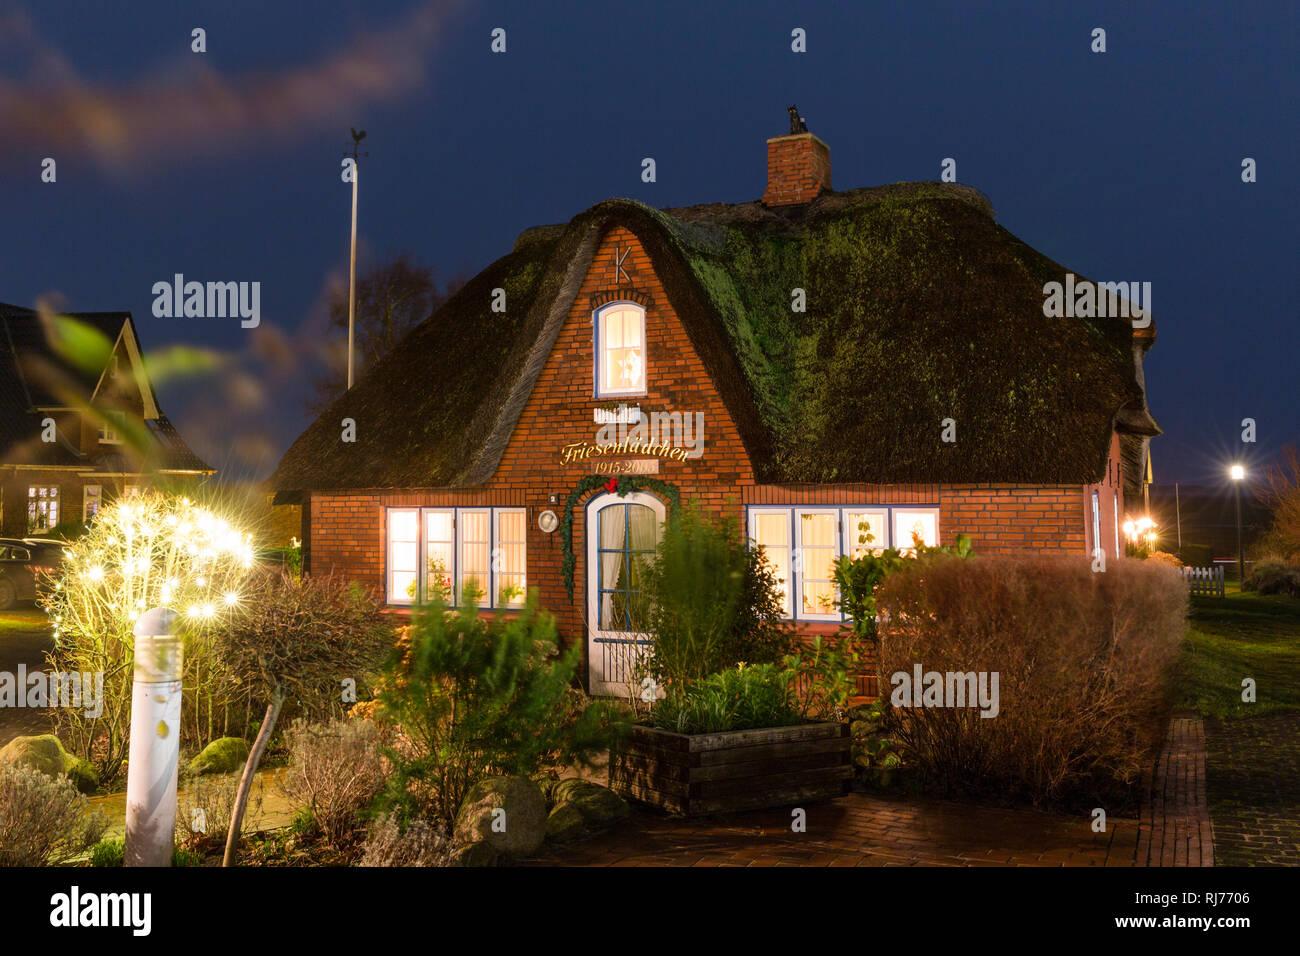 Deutschland, Norddeutschland, Amrum, Norddorf, Haus am Abend Stockbild